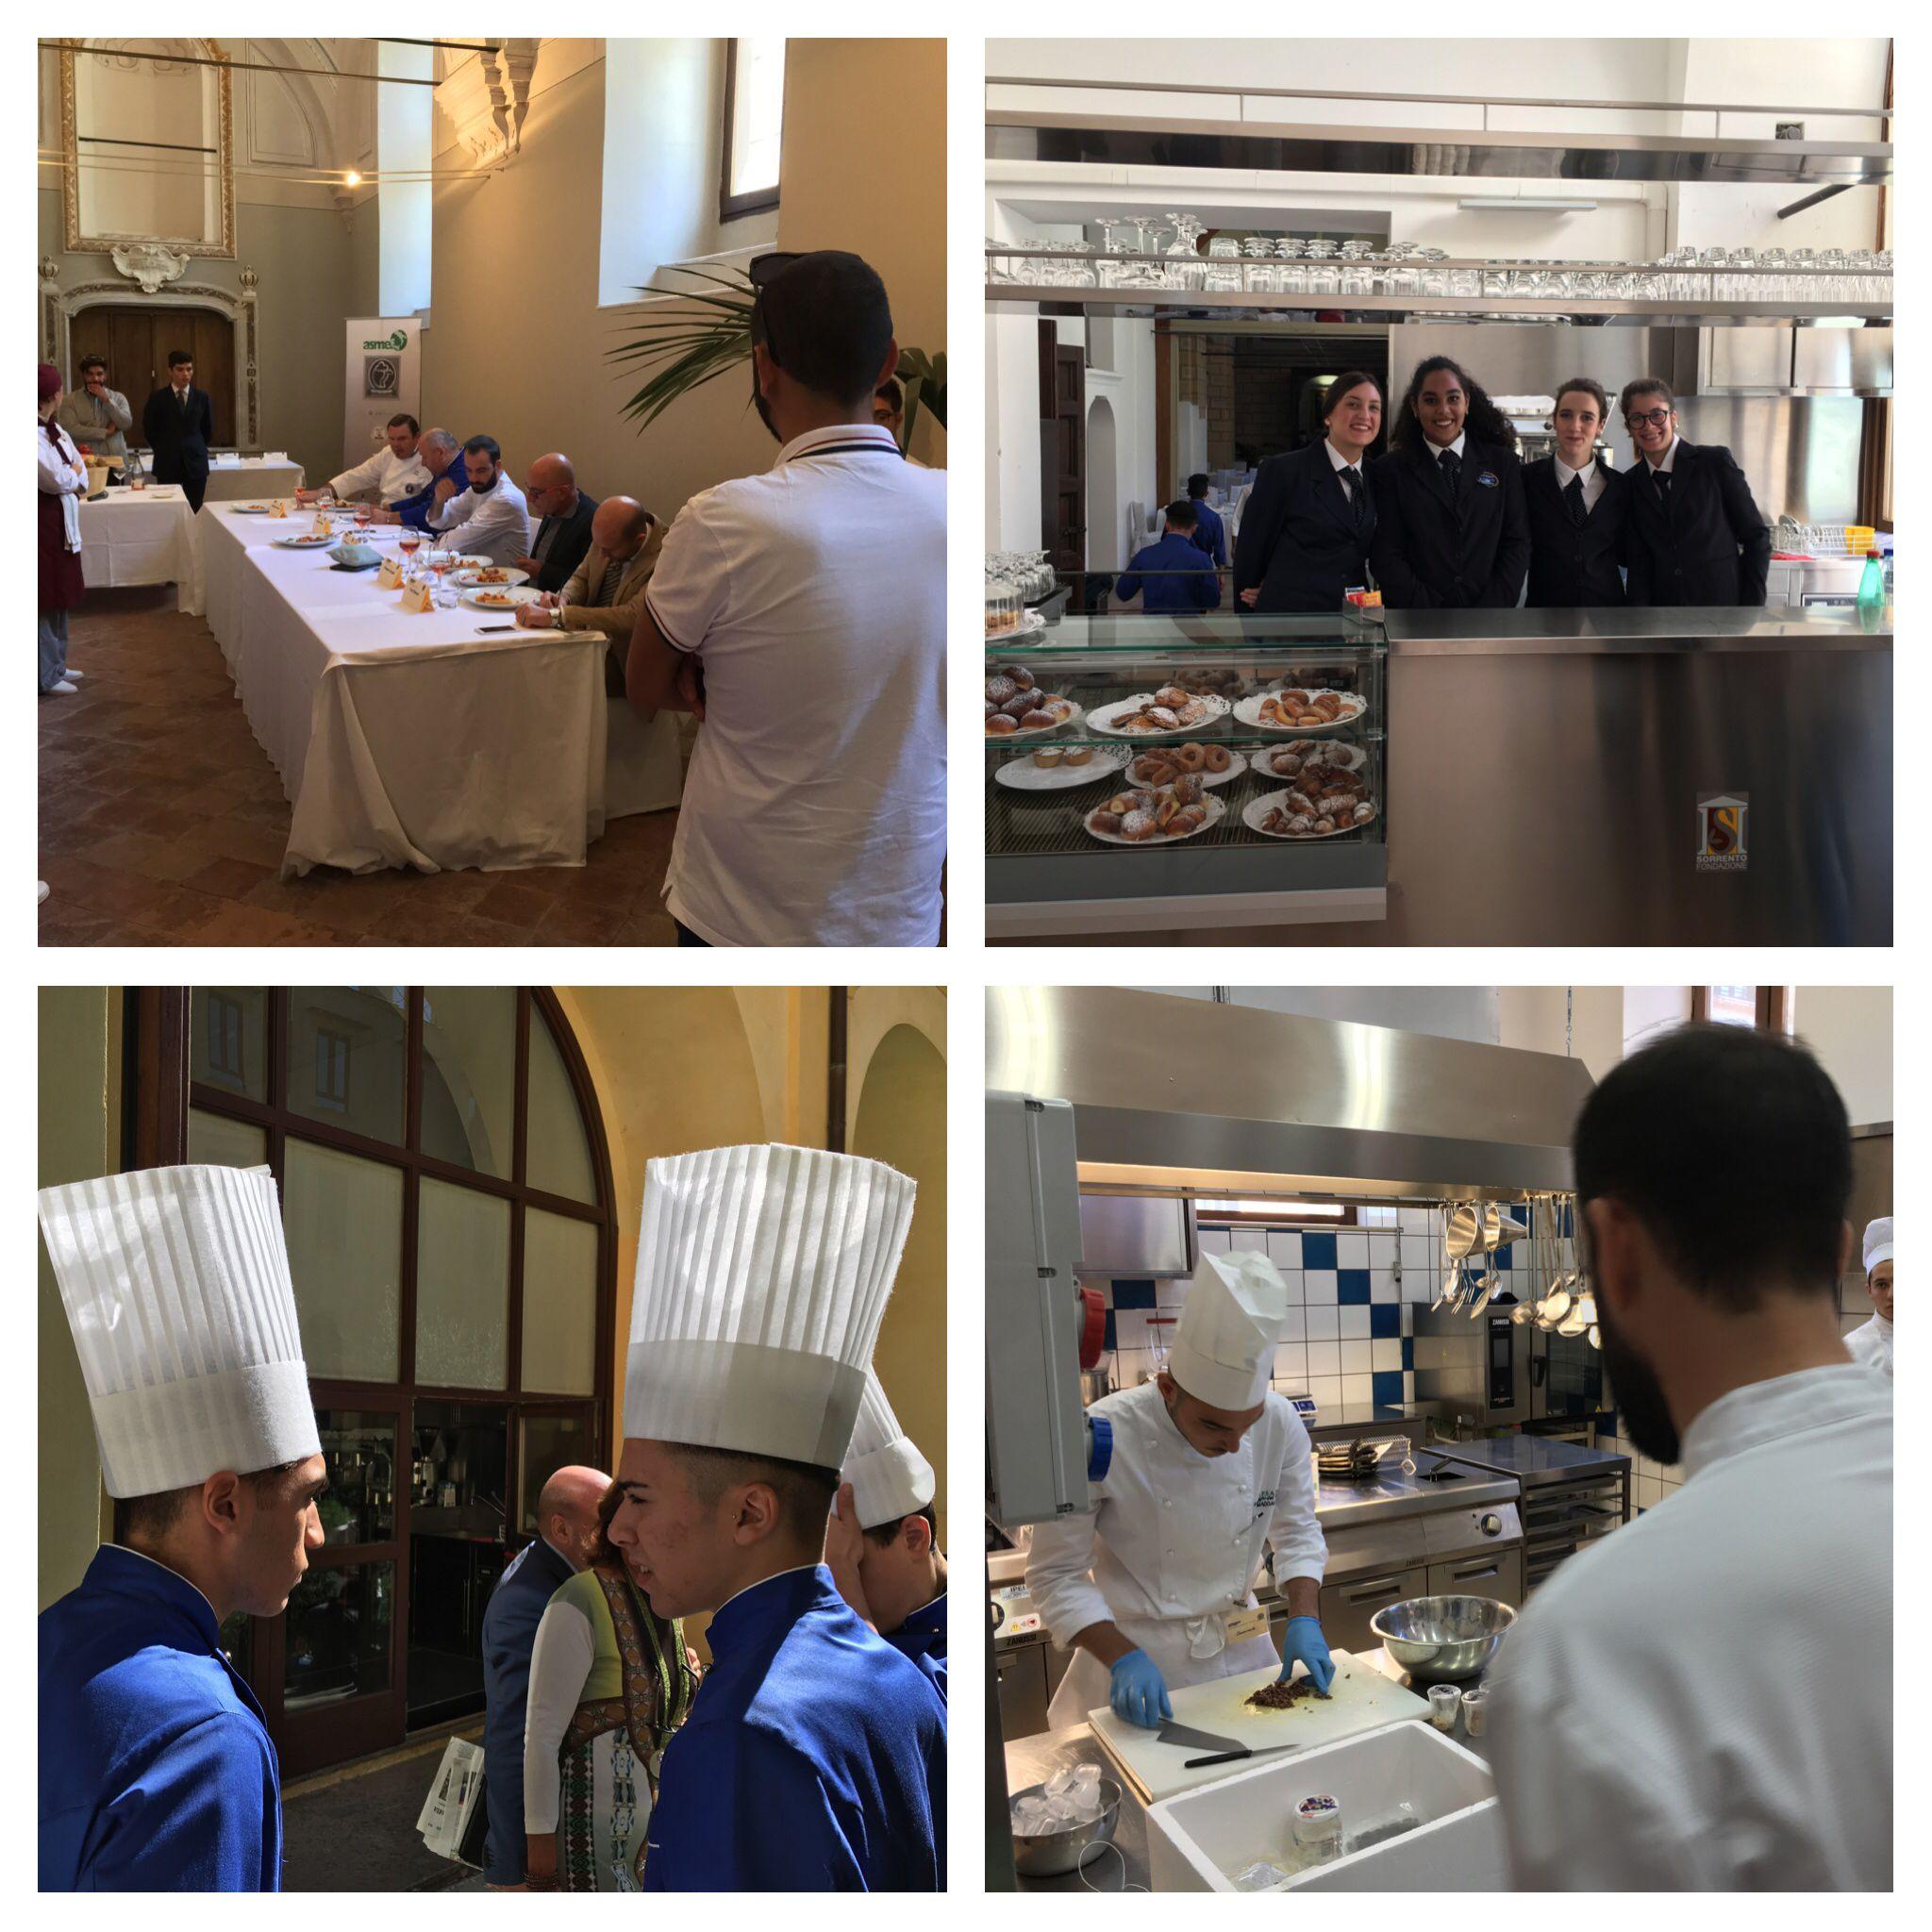 alla finale di capitan cooking la gara di cucina internazionale dove protagonisti sono gli studenti